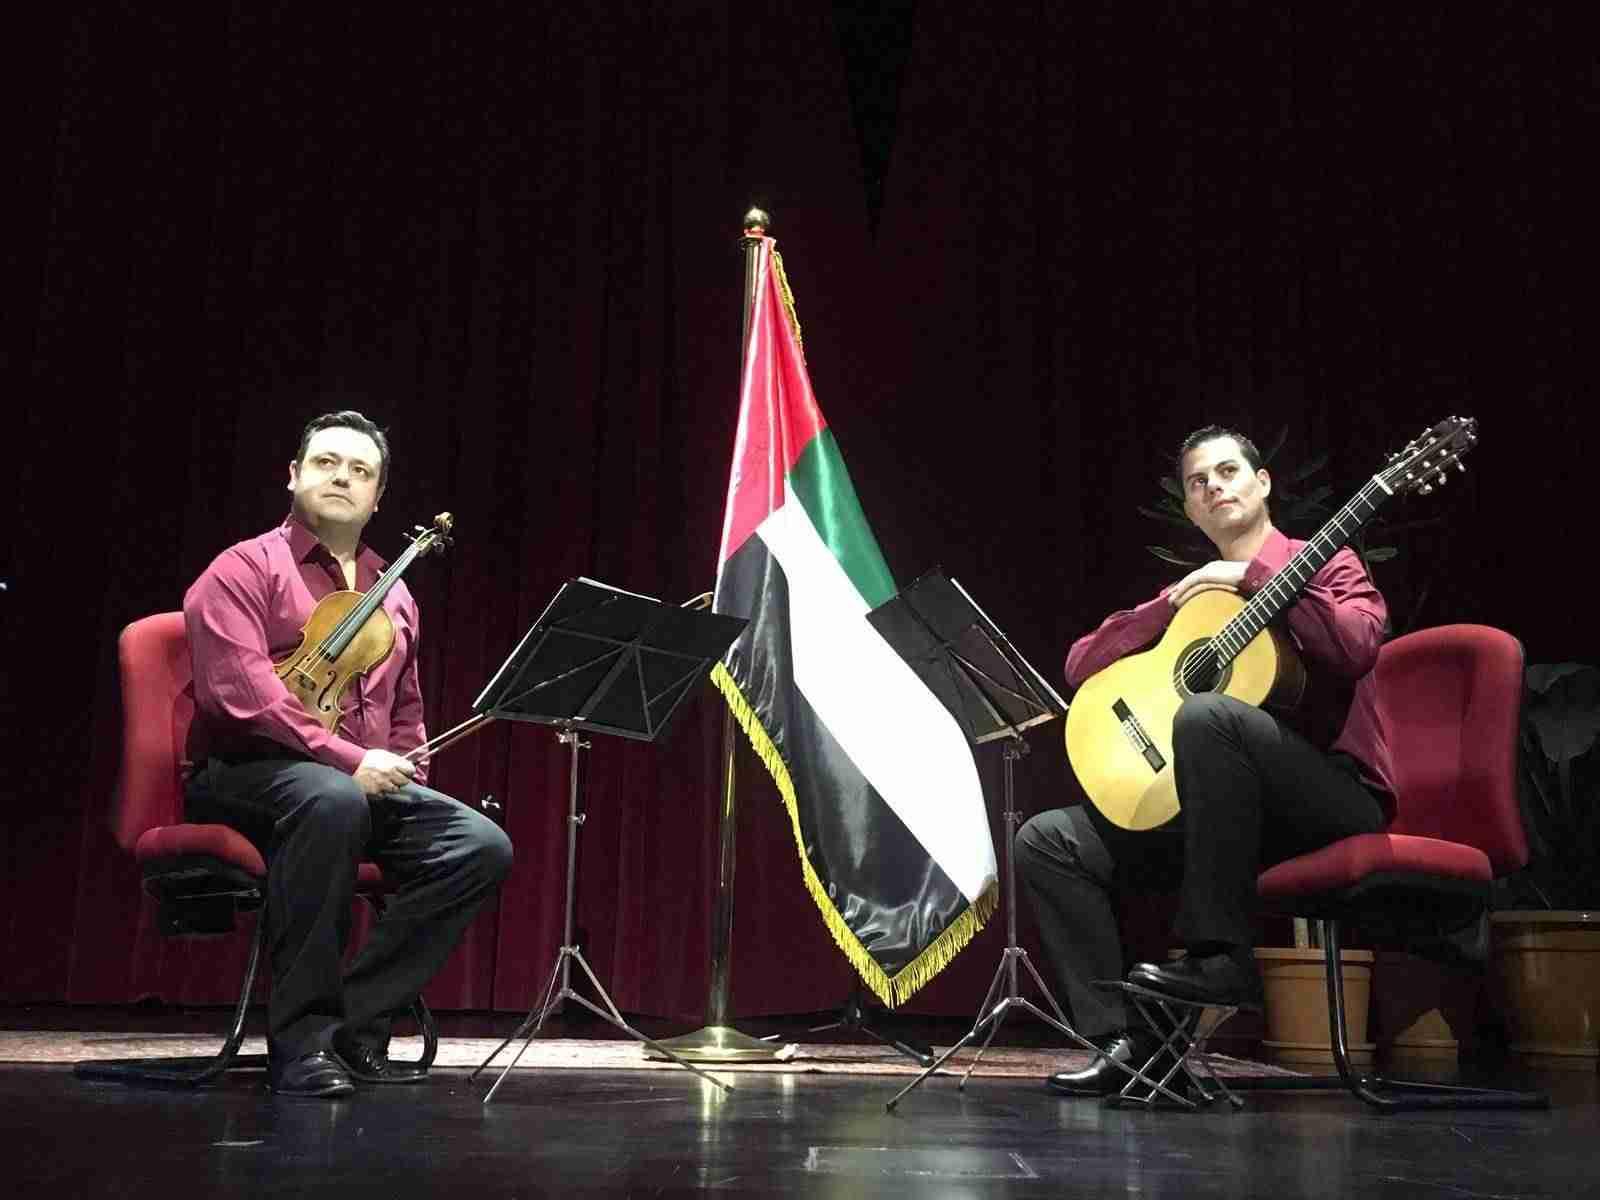 El Dúo Belcorde triunfa en Emiratos Árabes y se prepara para una nueva gira americana. 2